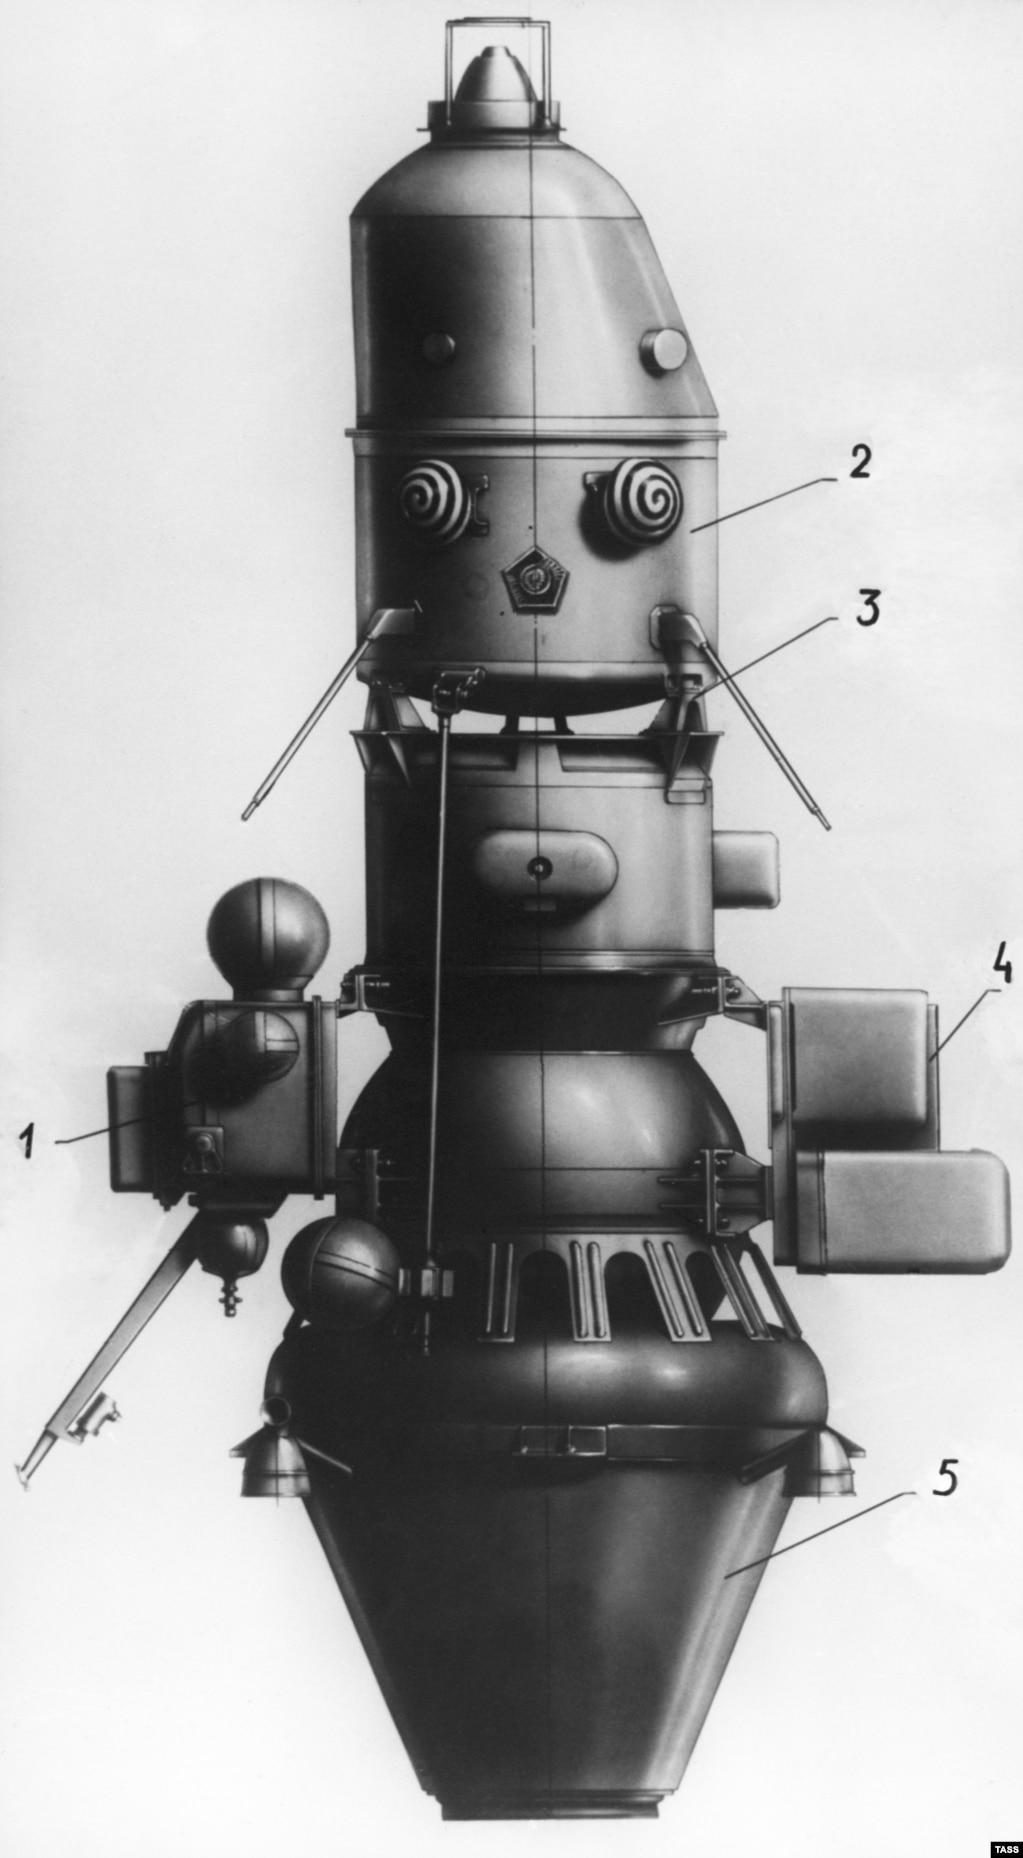 """Зловещие клоунские глаза советской """"Луны-10"""" вряд ли можно назвать привлекательными. Но ее миссия была прорывом в гонке за освоение космоса. Это был первый аппарат, облетевший Луну."""